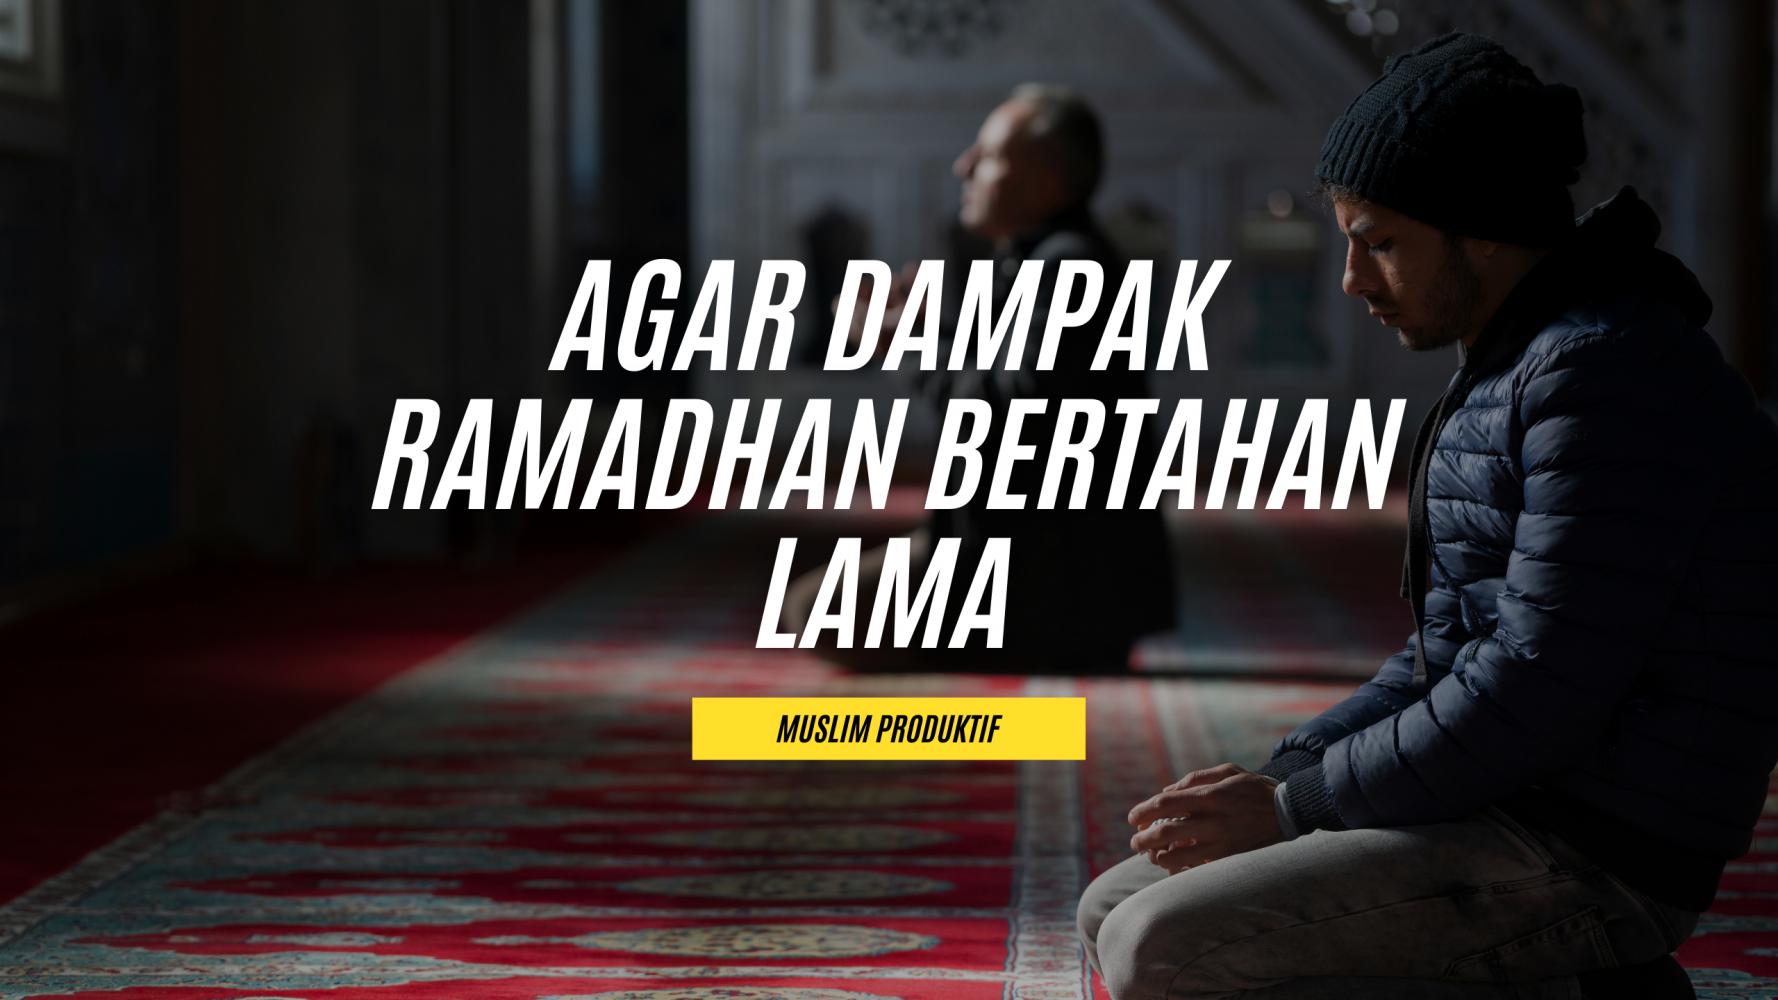 Agar Dampak Ramadhan Bertahan Lama